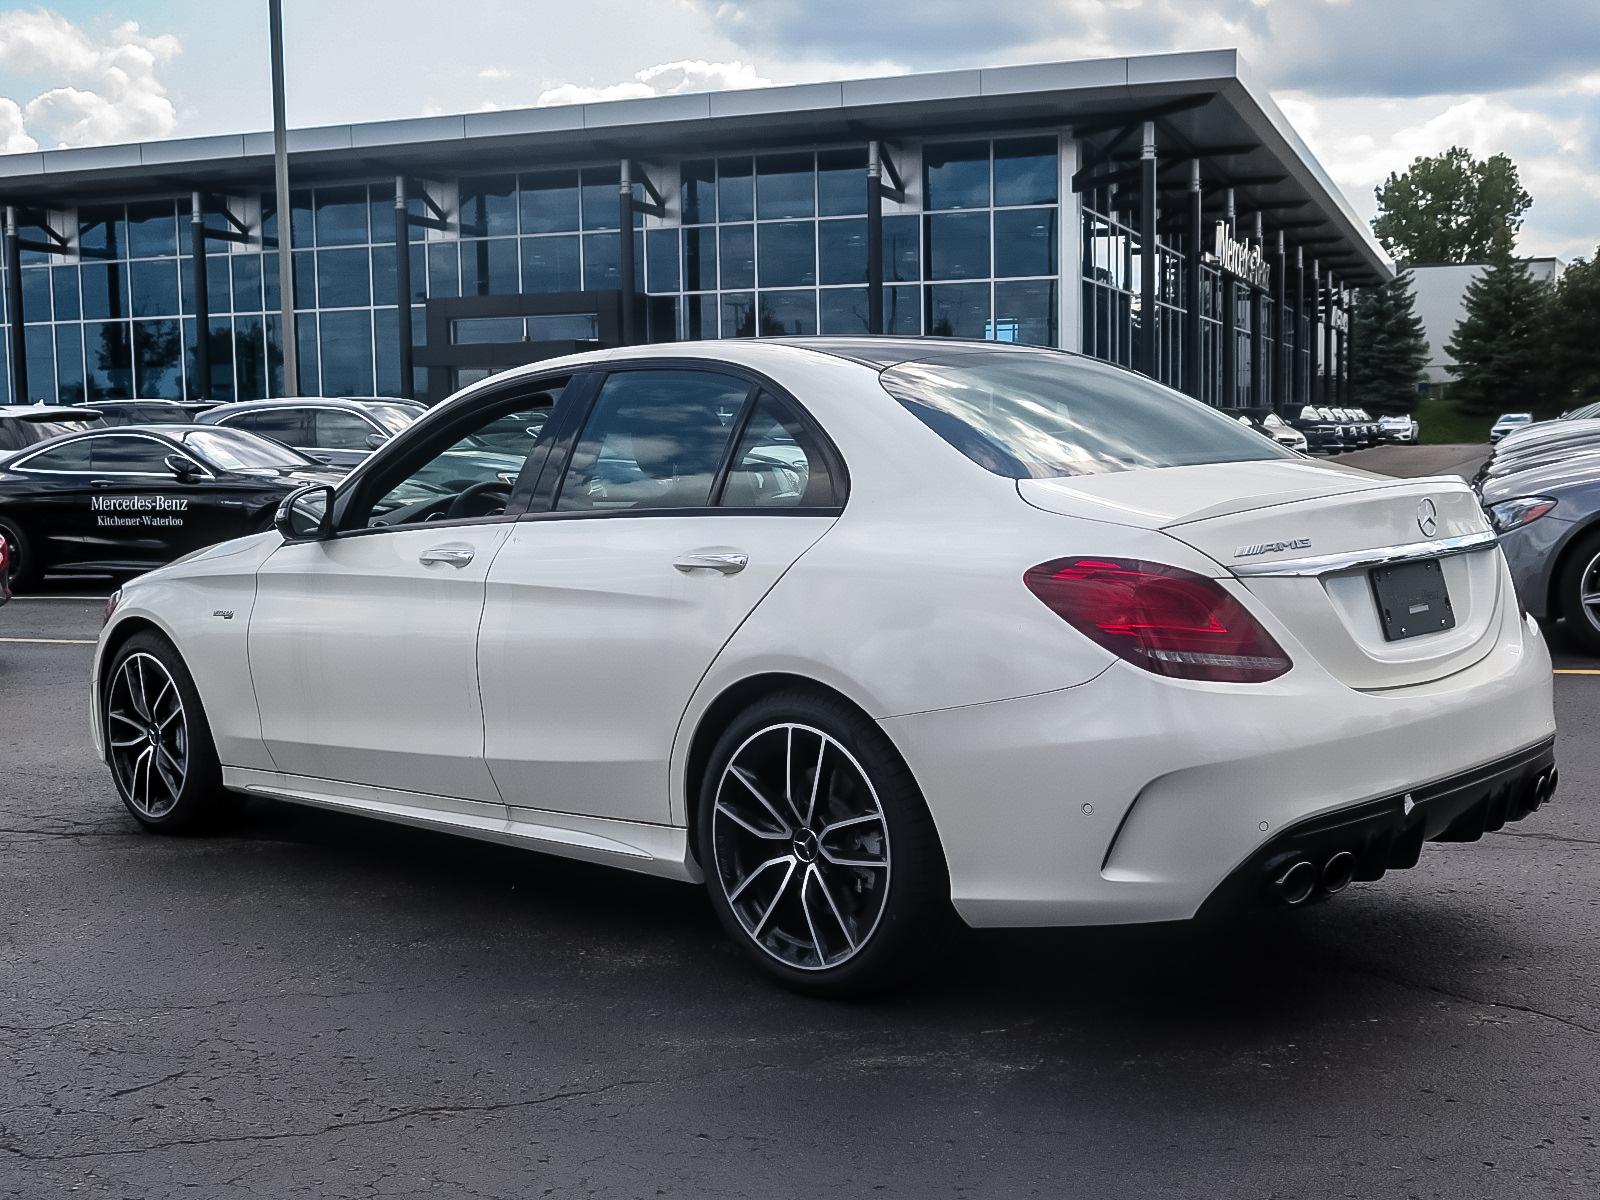 New 2019 Mercedes-Benz C43 AMG 4MATIC Sedan